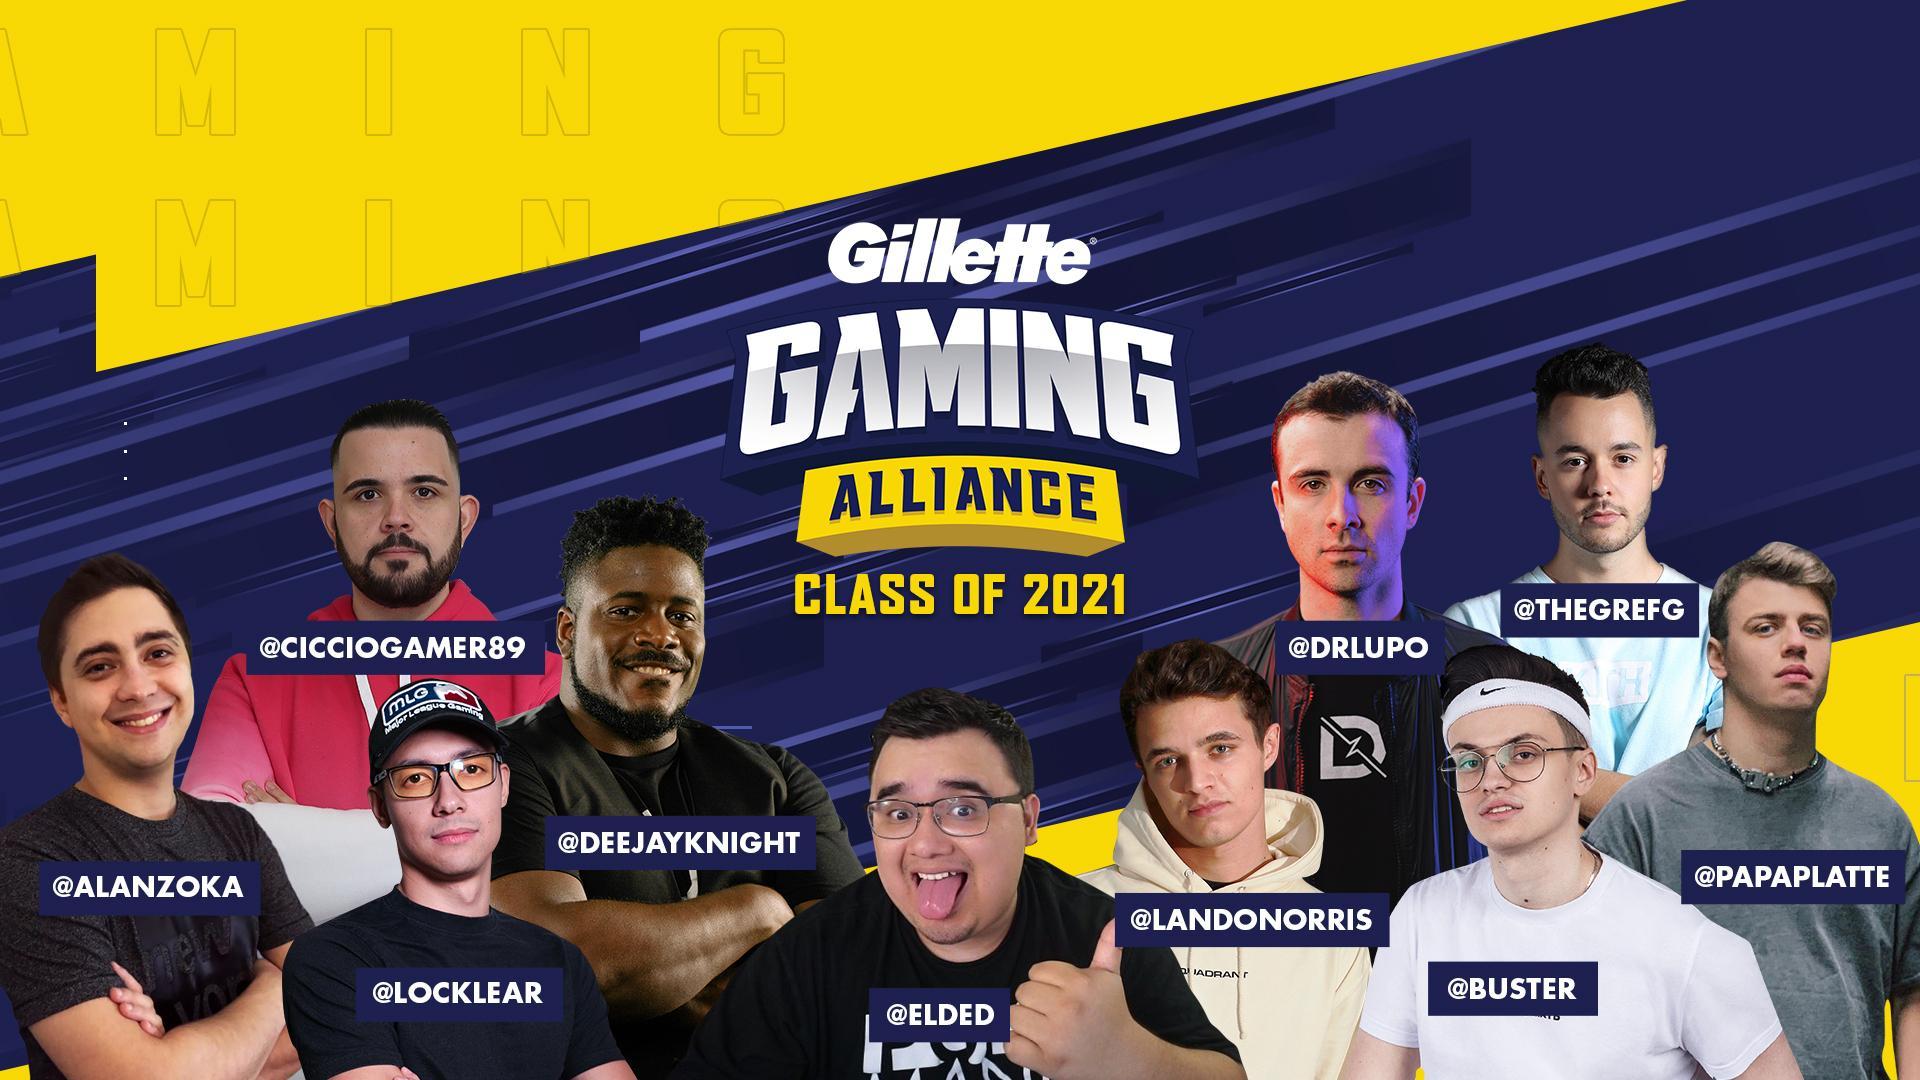 Gillette решил возродить «Геймерский альянс»